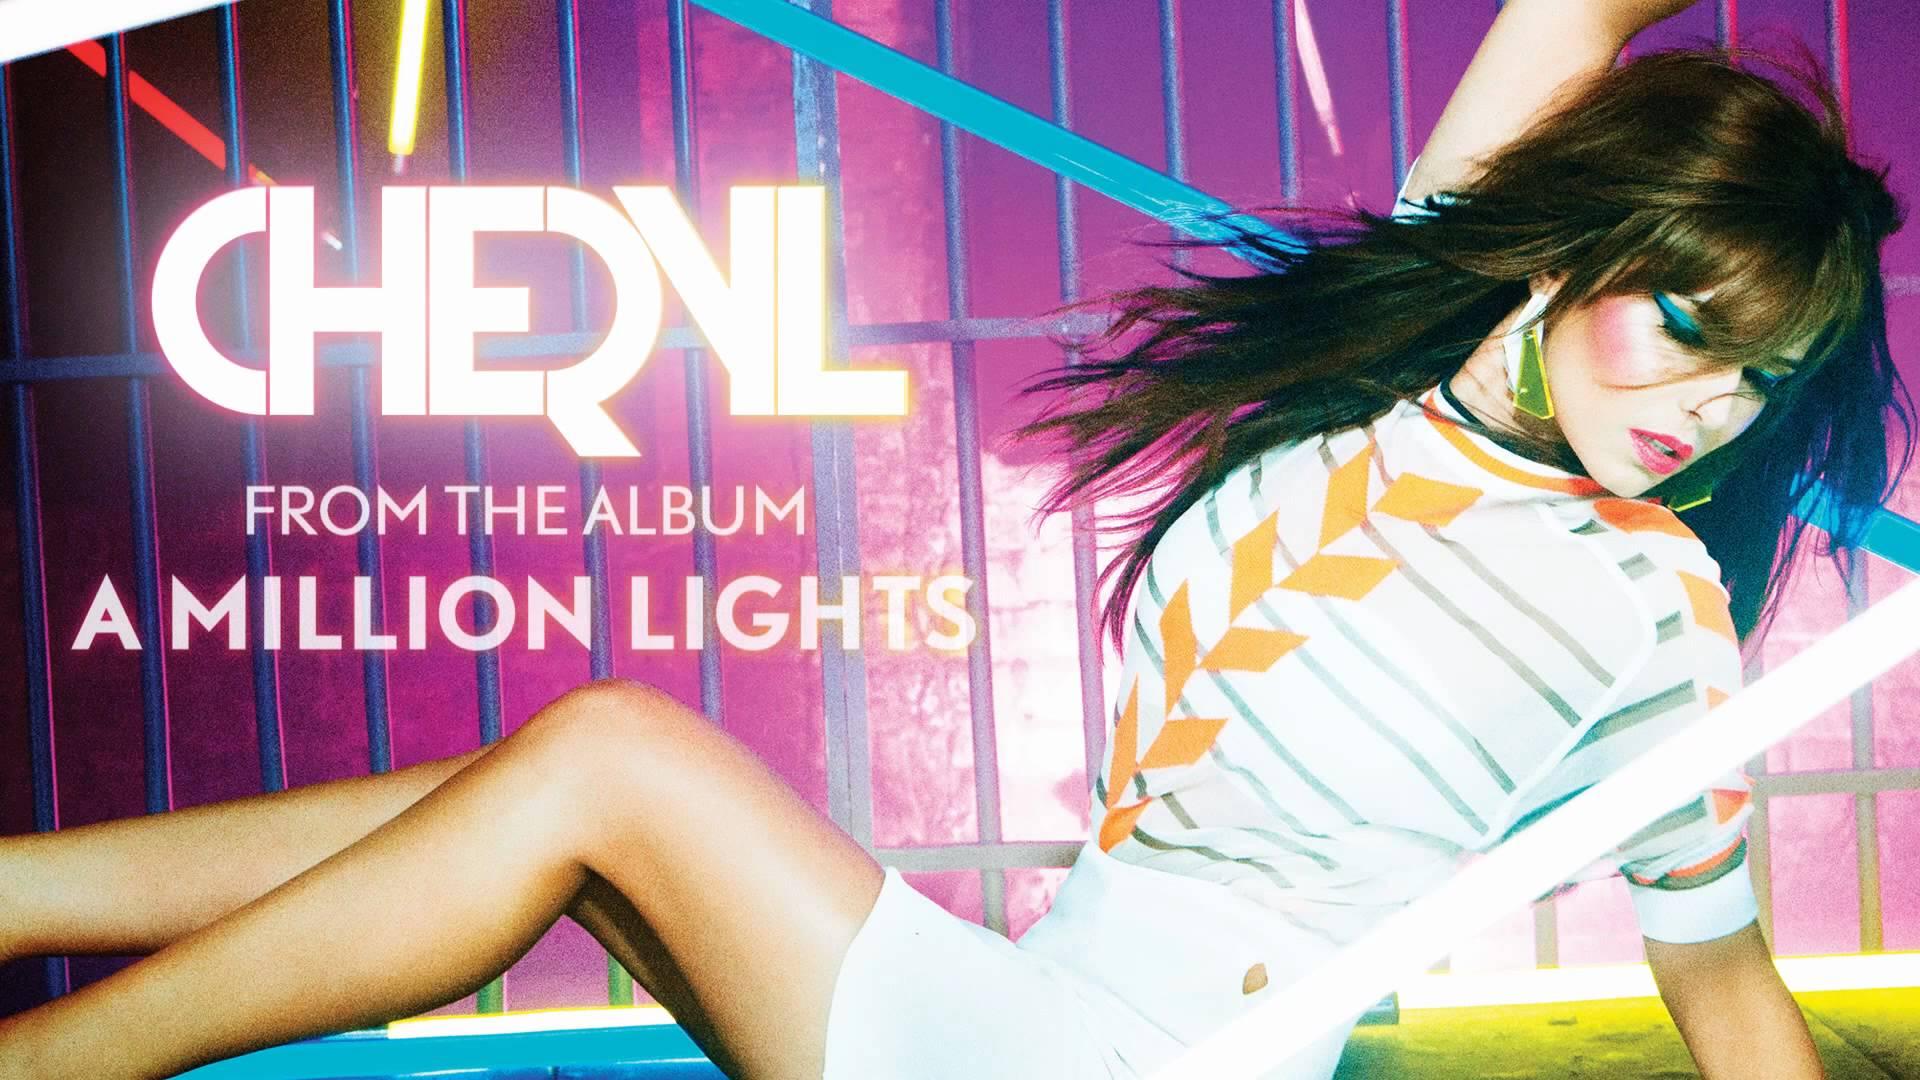 イギリスで最もセクシーな女性『Cheryl Cole 人気曲ランキング』